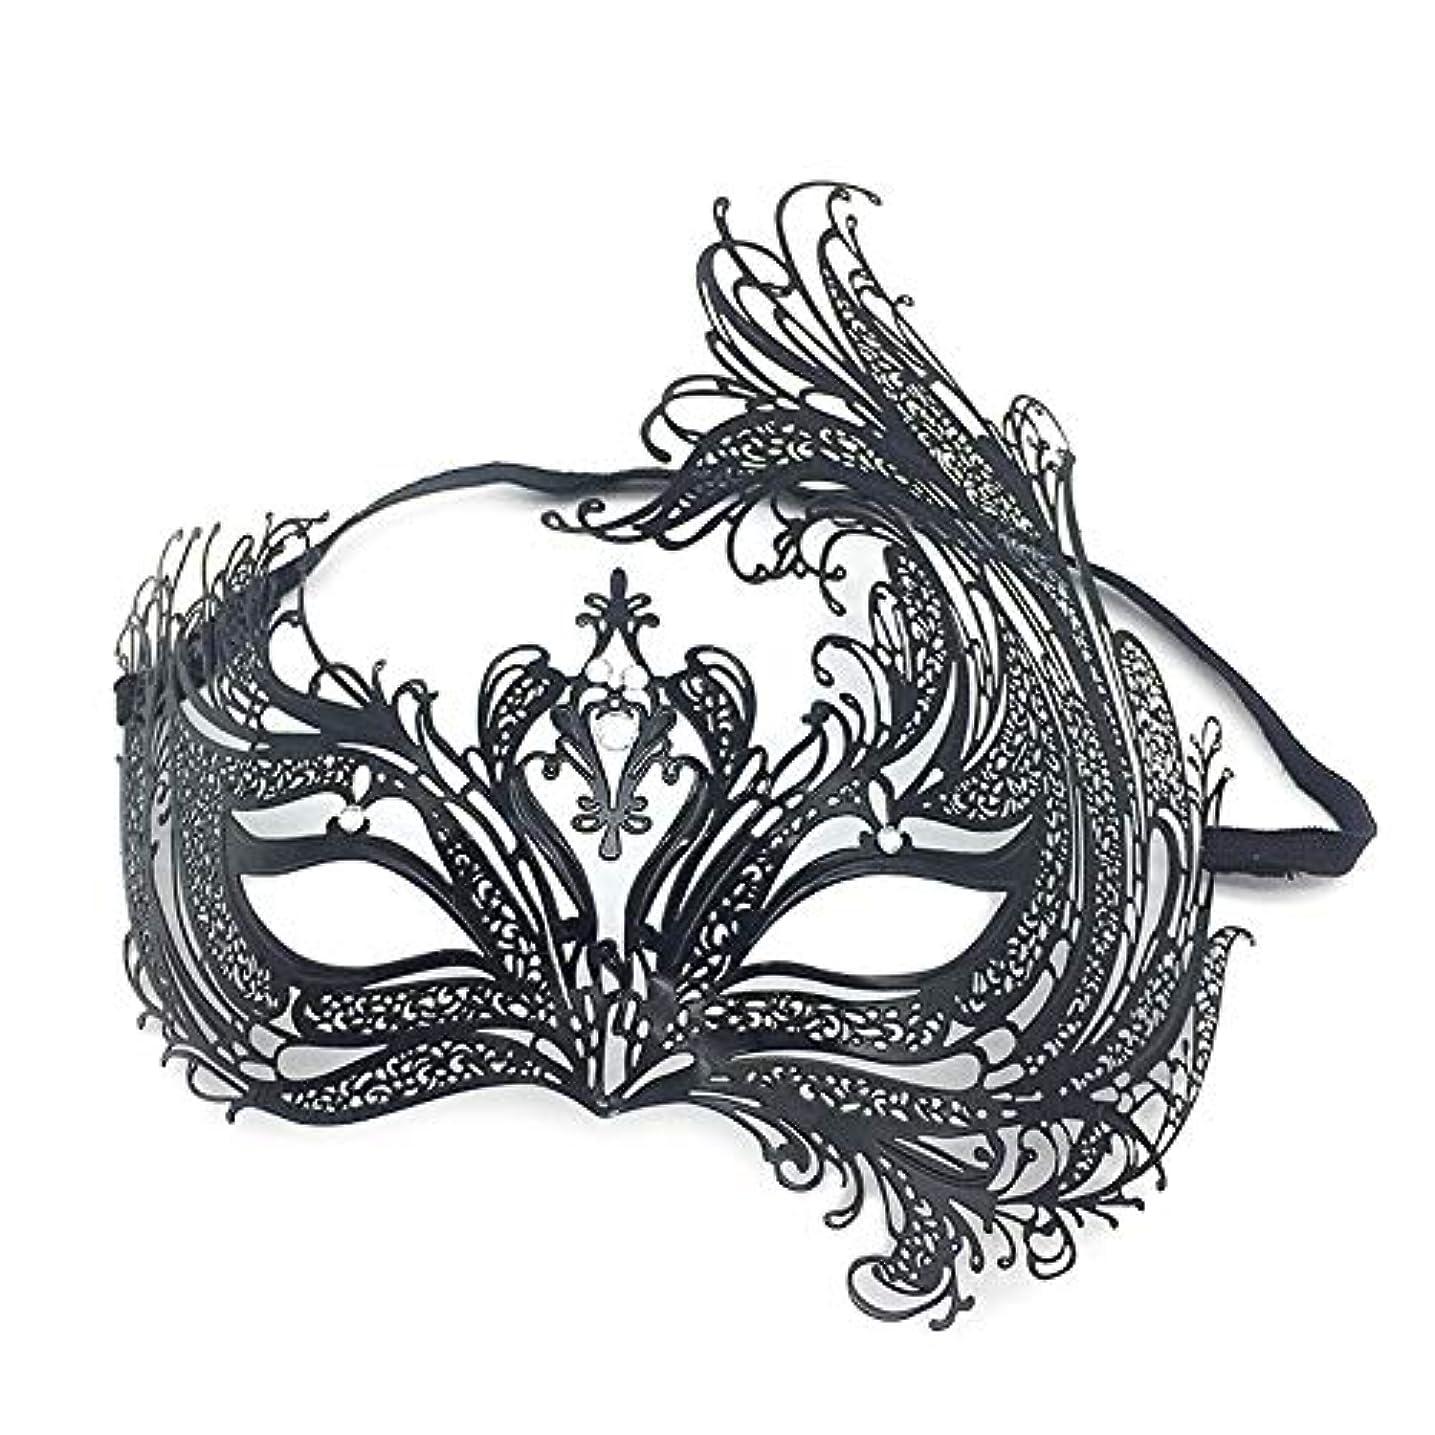 雑種ファイター数学的なダンスマスク 仮面舞踏会パーティーブラックセクシーハーフフェイスフェニックスハロウィーンロールプレイングメタルマスクガール ホリデーパーティー用品 (色 : ブラック, サイズ : 20x19cm)